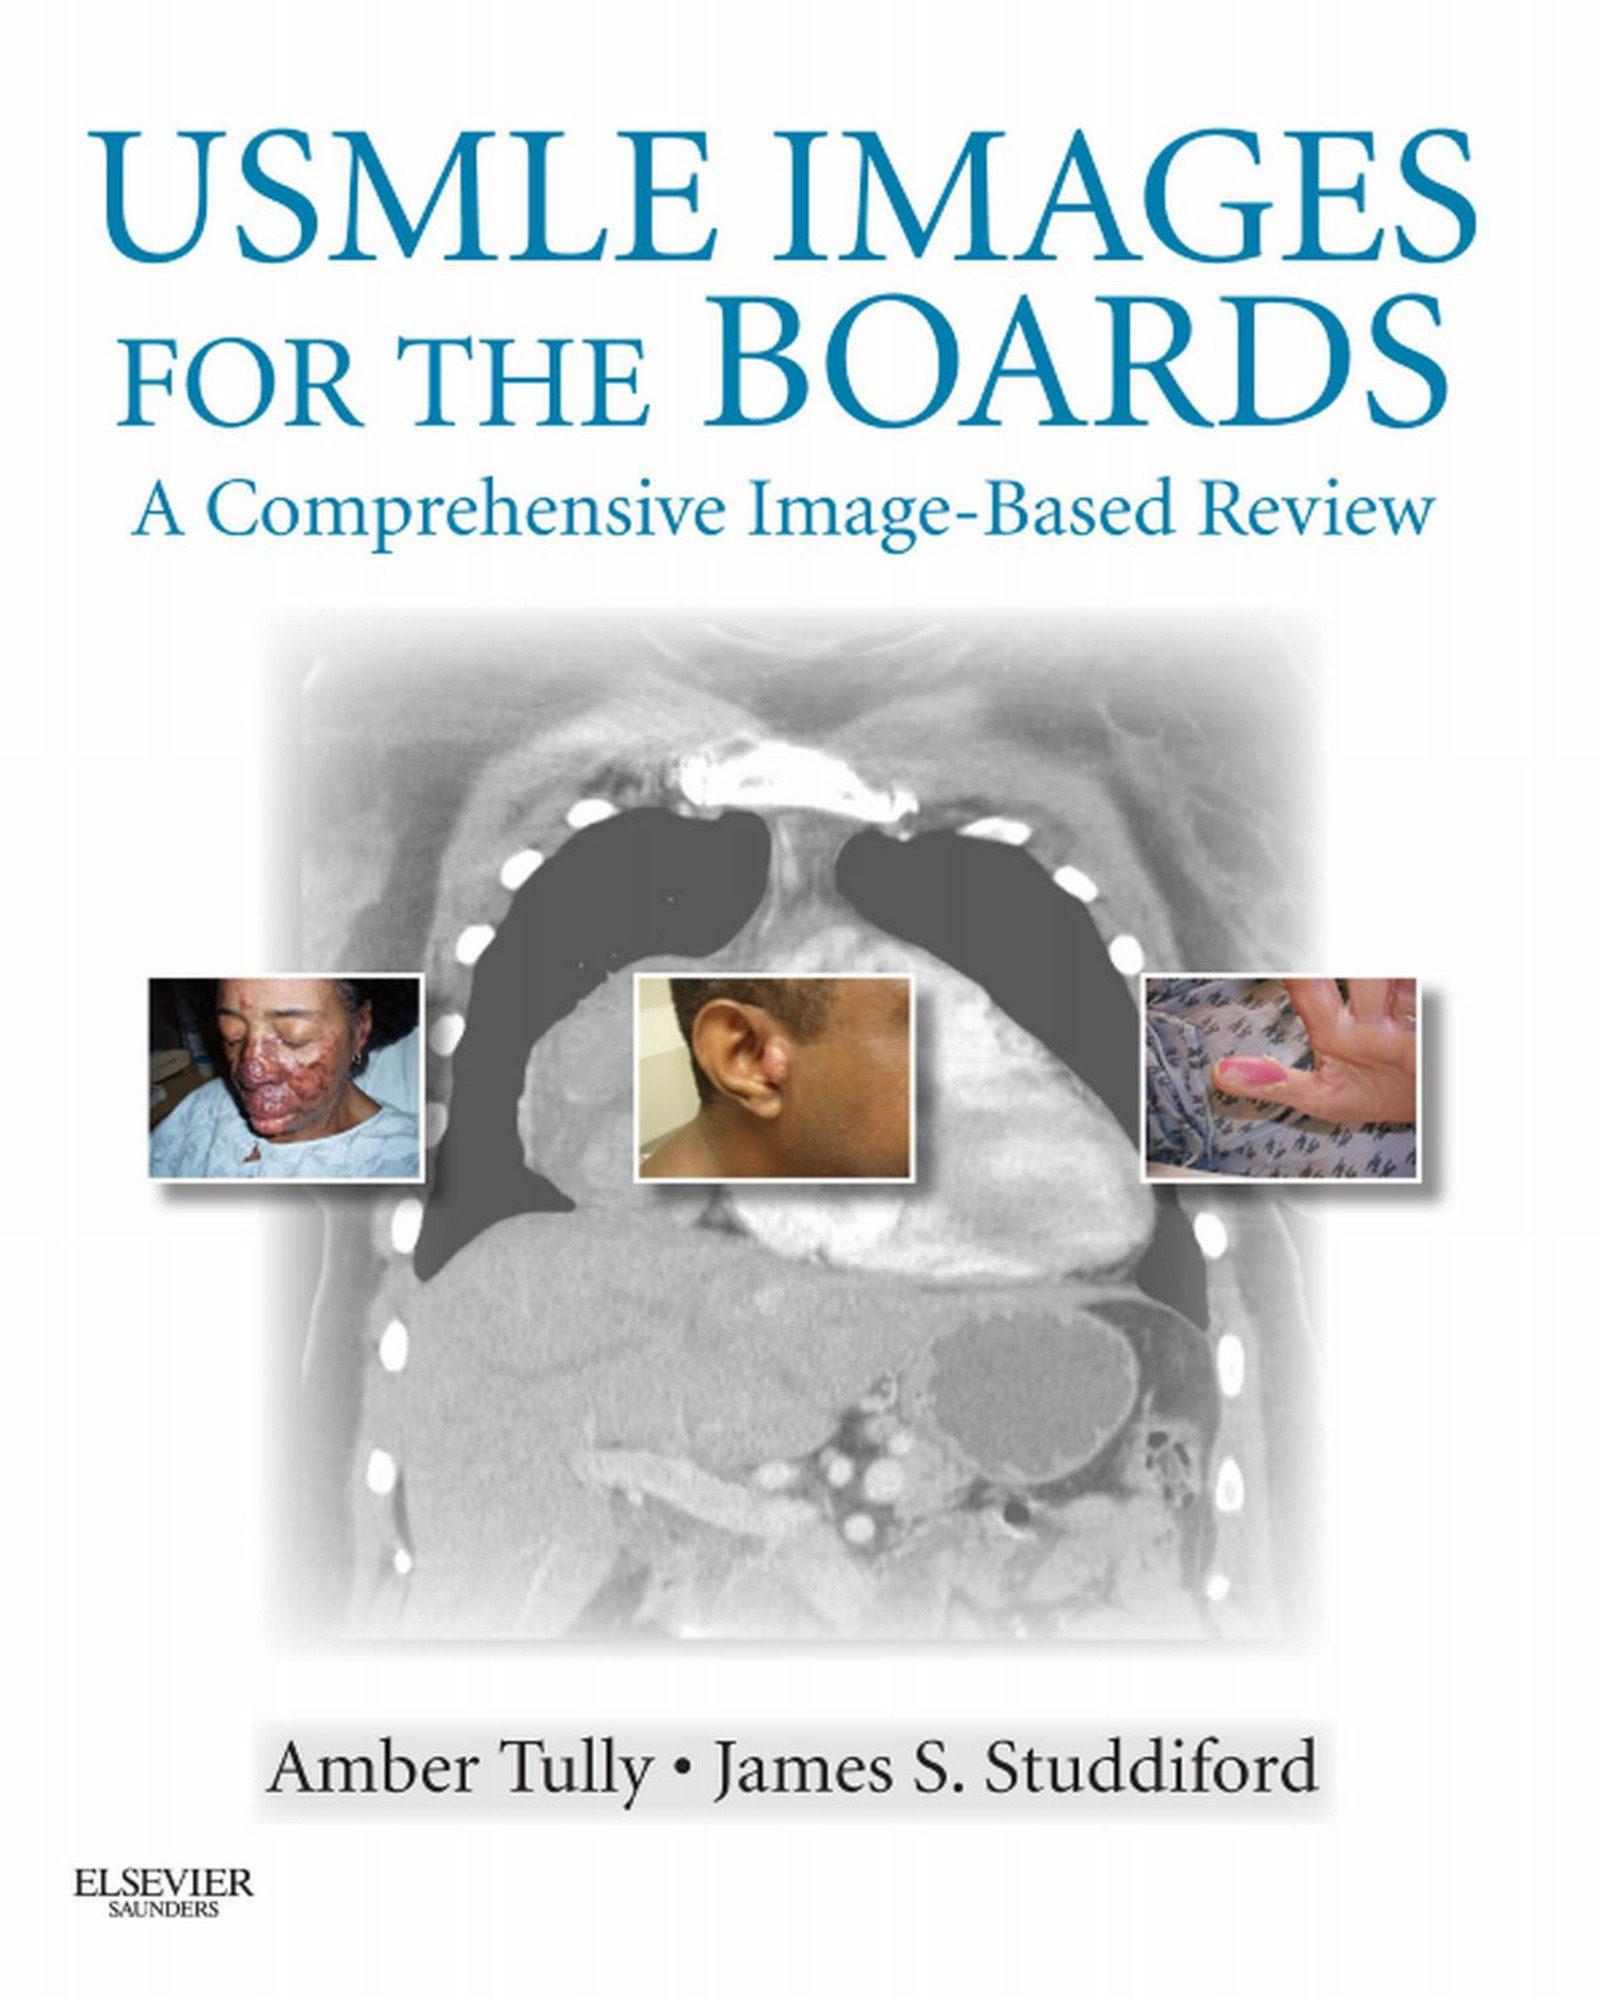 USMLE IMAGES FOR THE BOARDS E-BOOK EBOOK | TULLY | Descargar libro ...